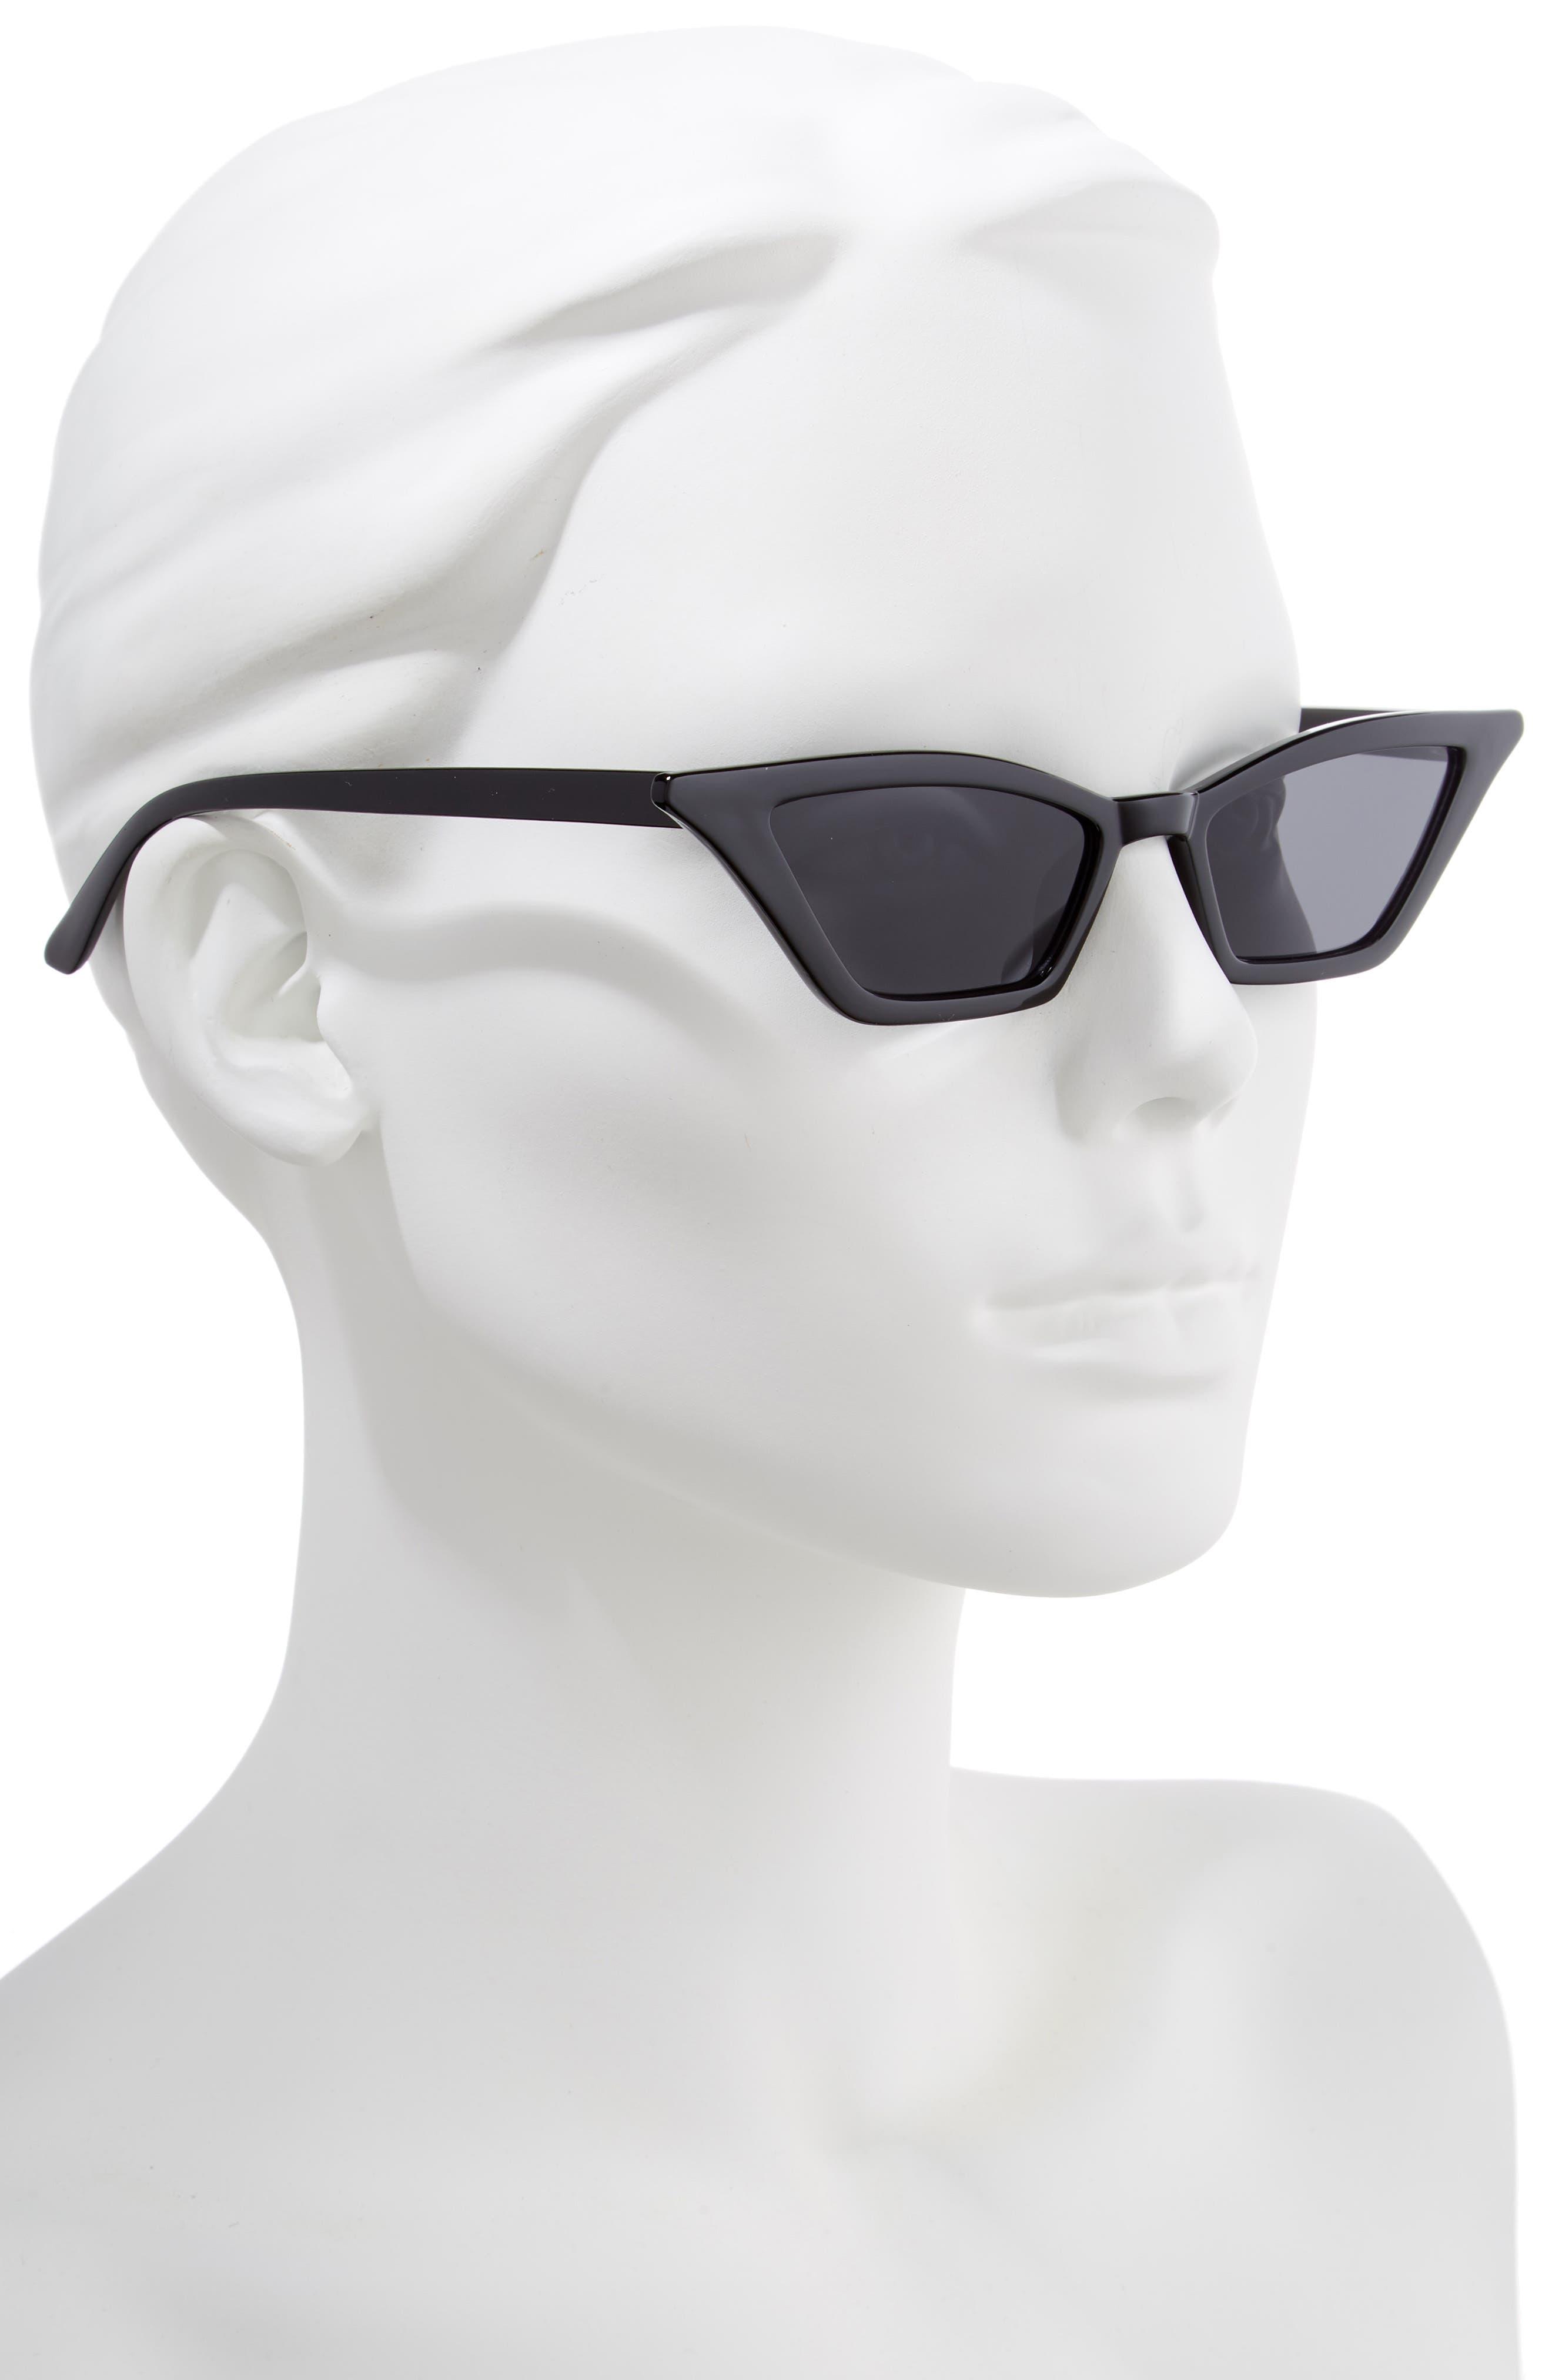 54mm Geometric Sunglasses,                             Alternate thumbnail 2, color,                             BLACK/ BLACK